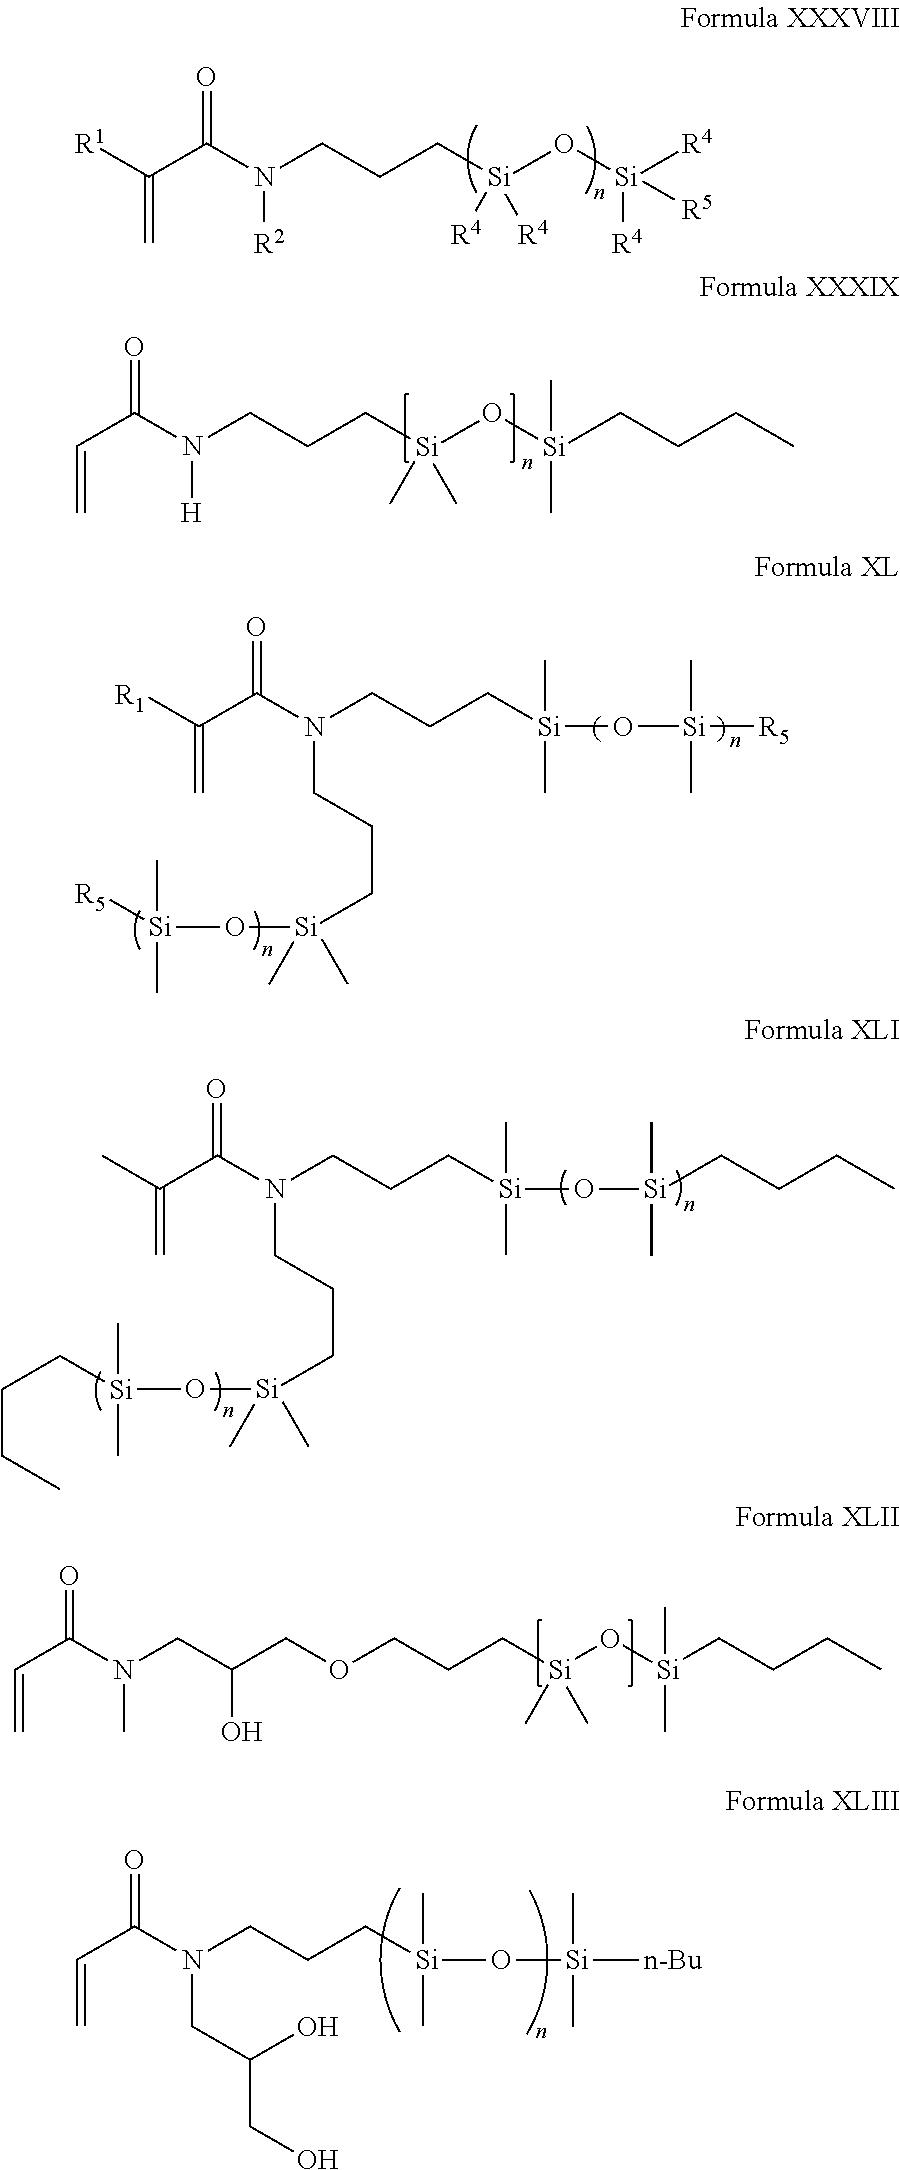 Figure US20180011223A1-20180111-C00013